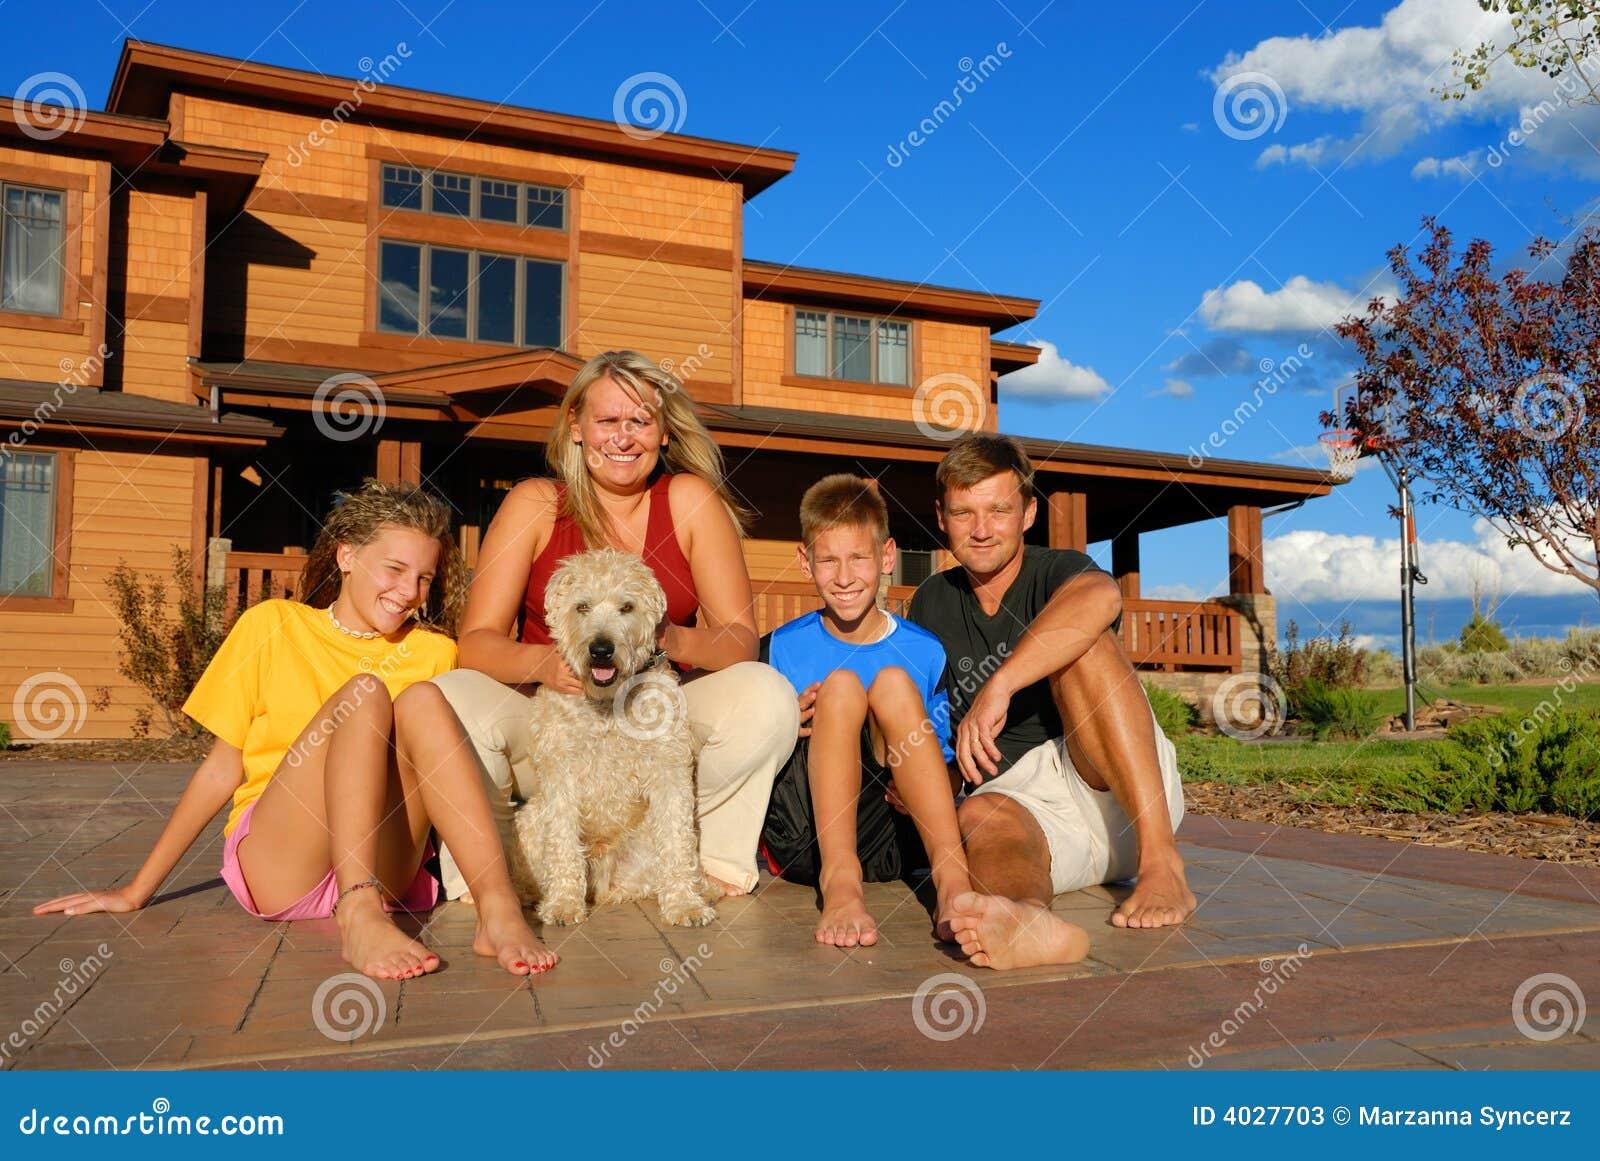 Familia feliz fuera de la casa fotos de archivo imagen for Colores de casa para afuera